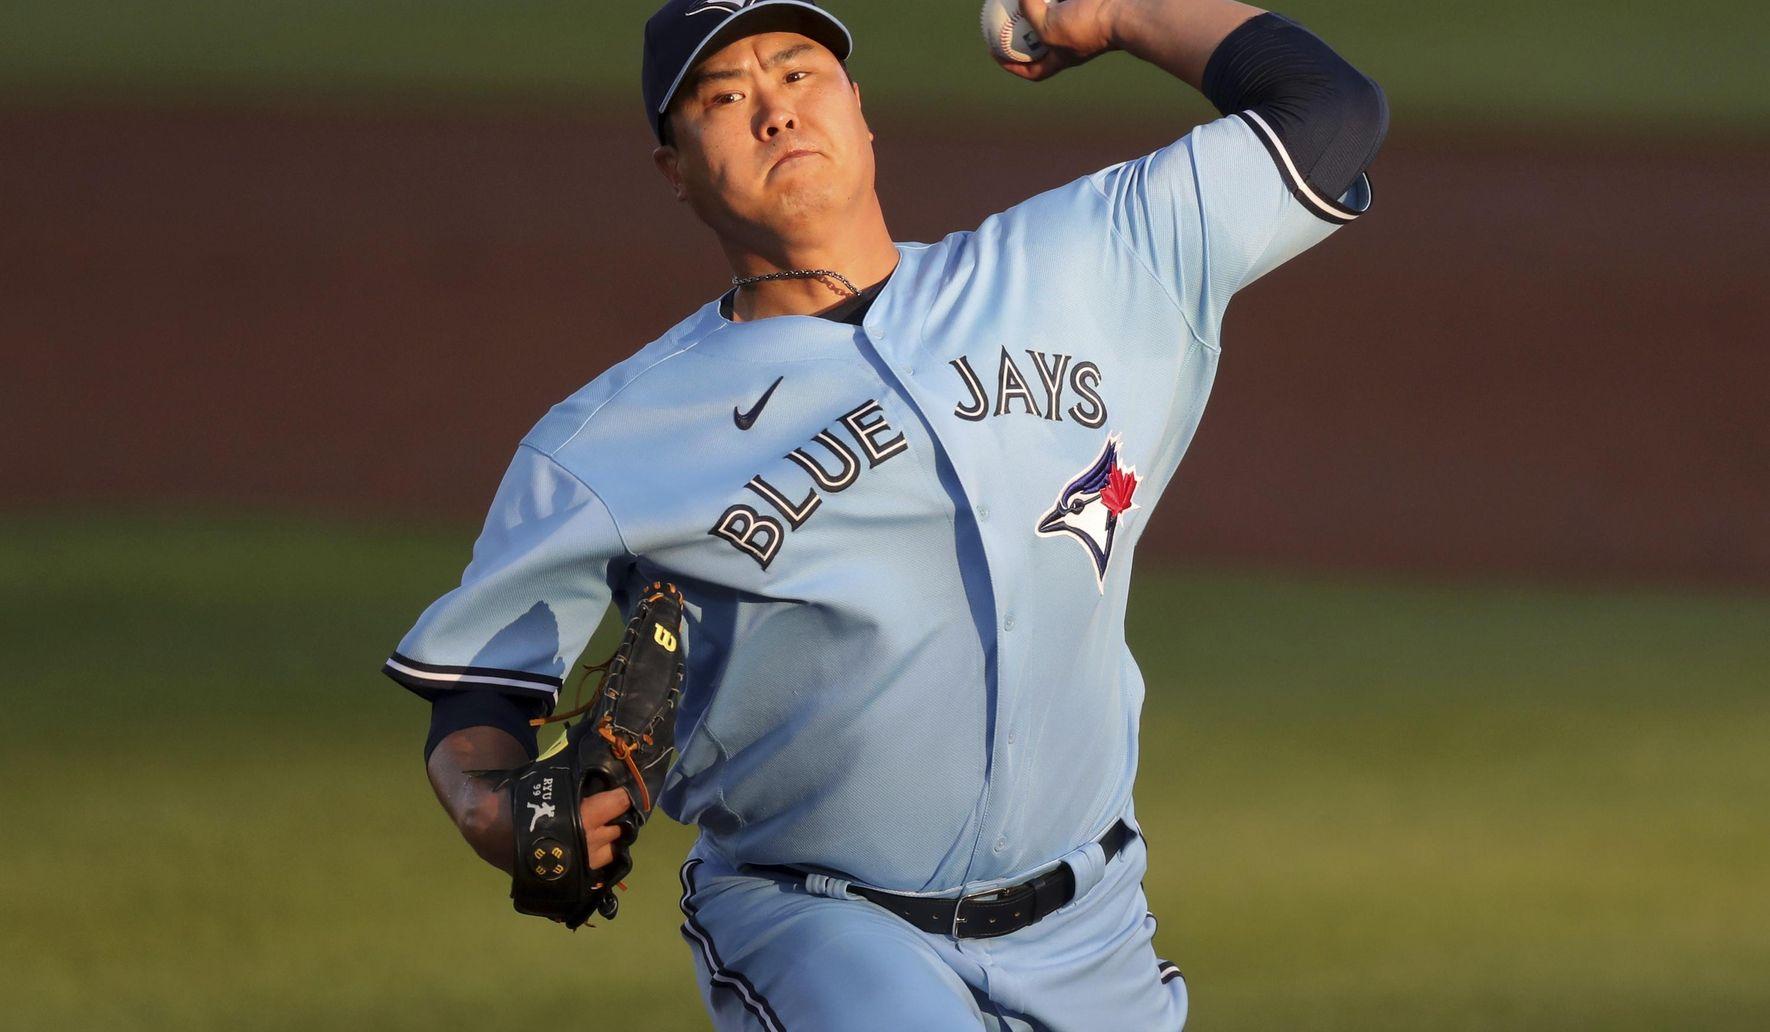 Yankees_blue_jays_baseball_57570_c0-125-3000-1874_s1770x1032